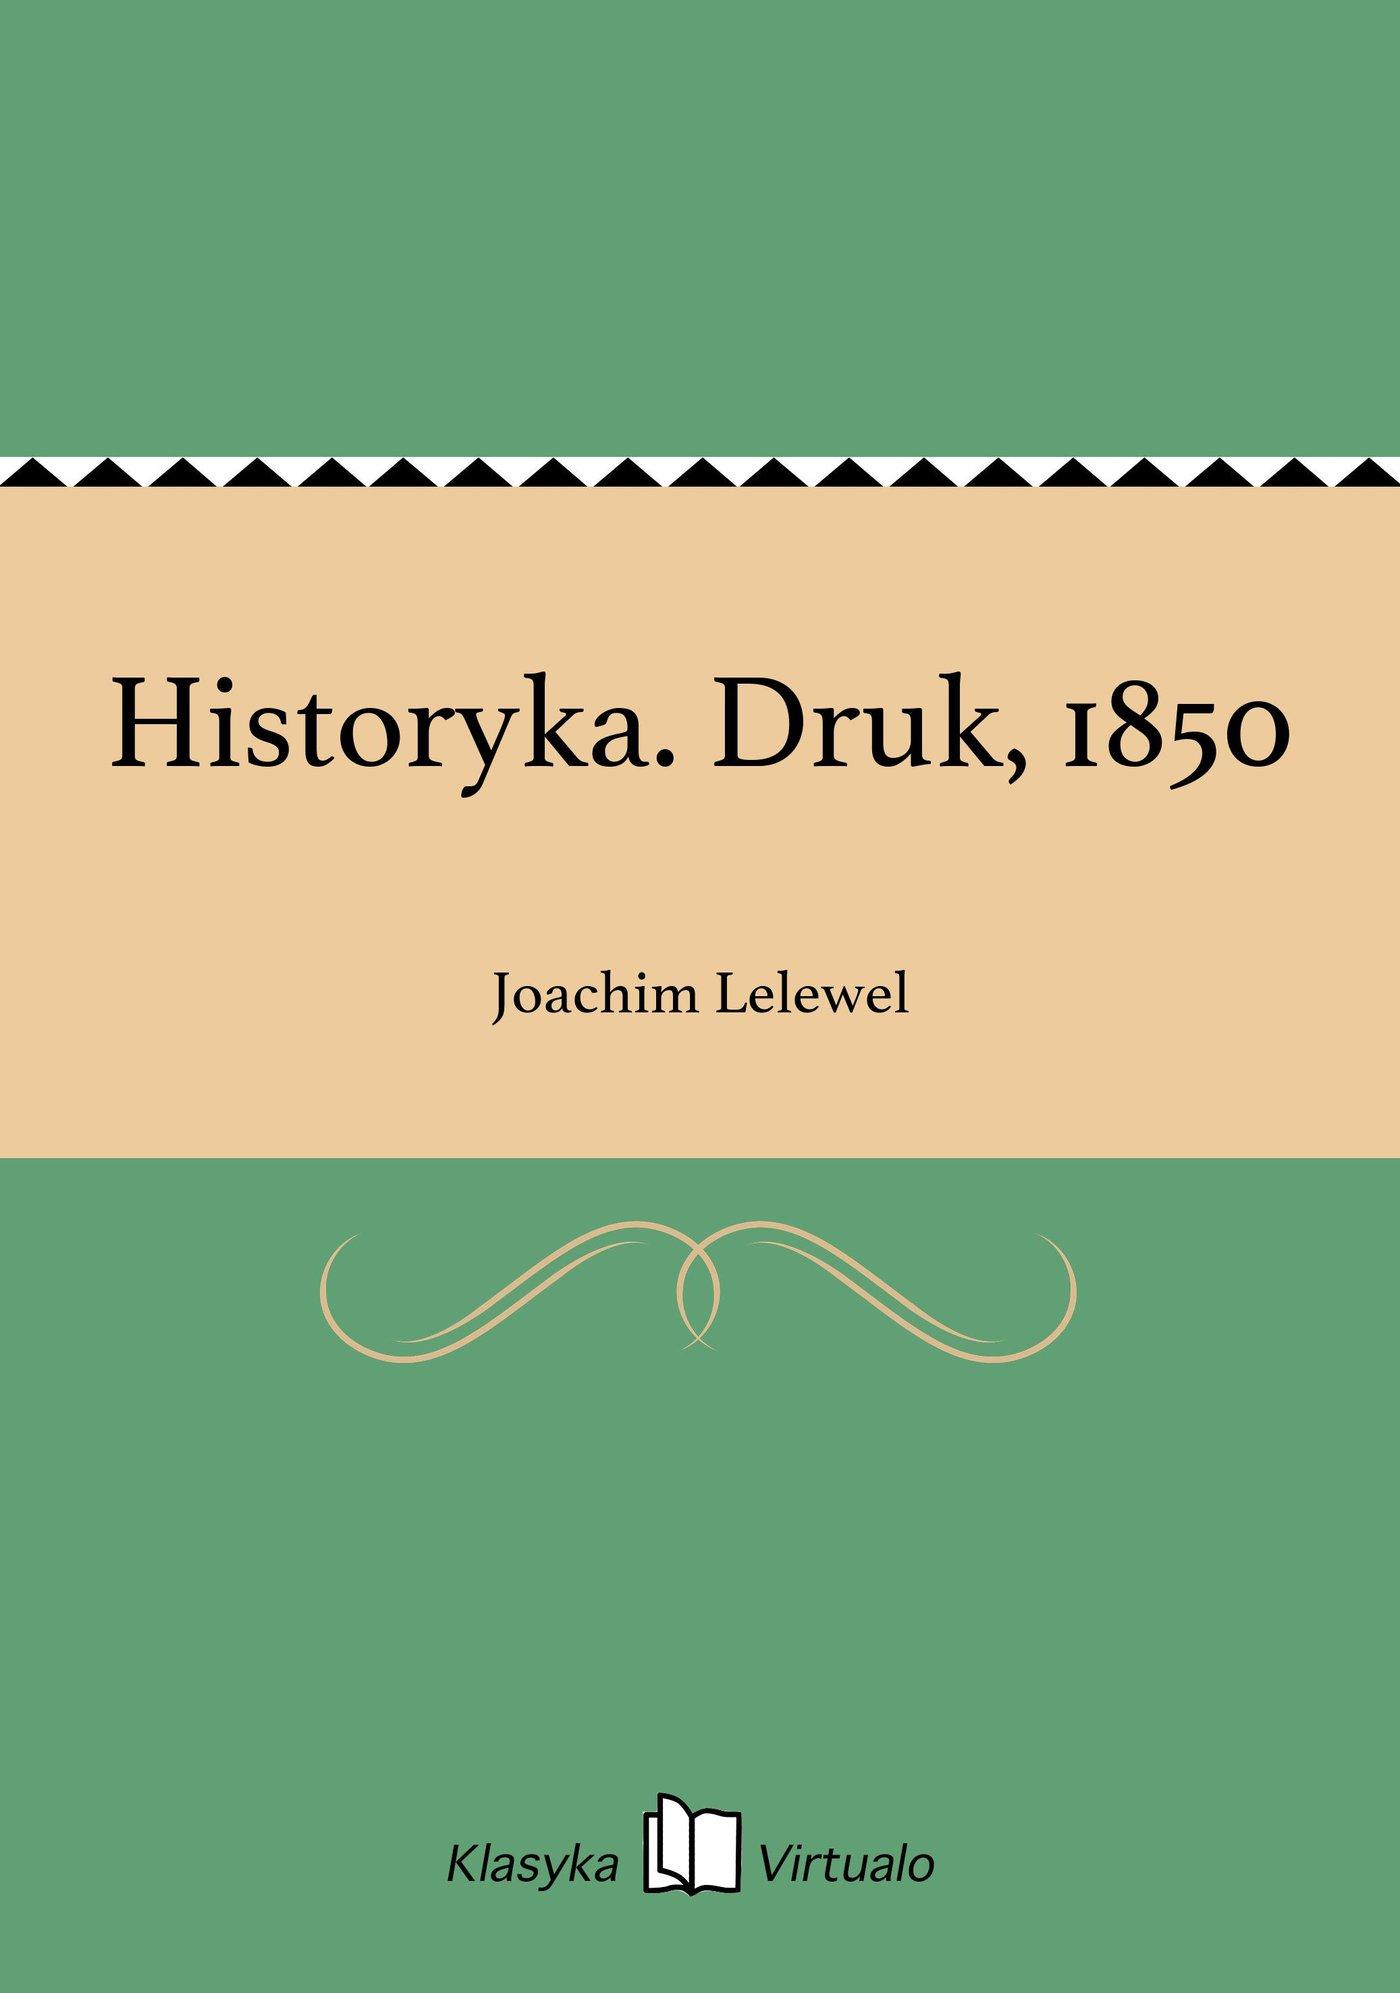 Historyka. Druk, 1850 - Ebook (Książka EPUB) do pobrania w formacie EPUB